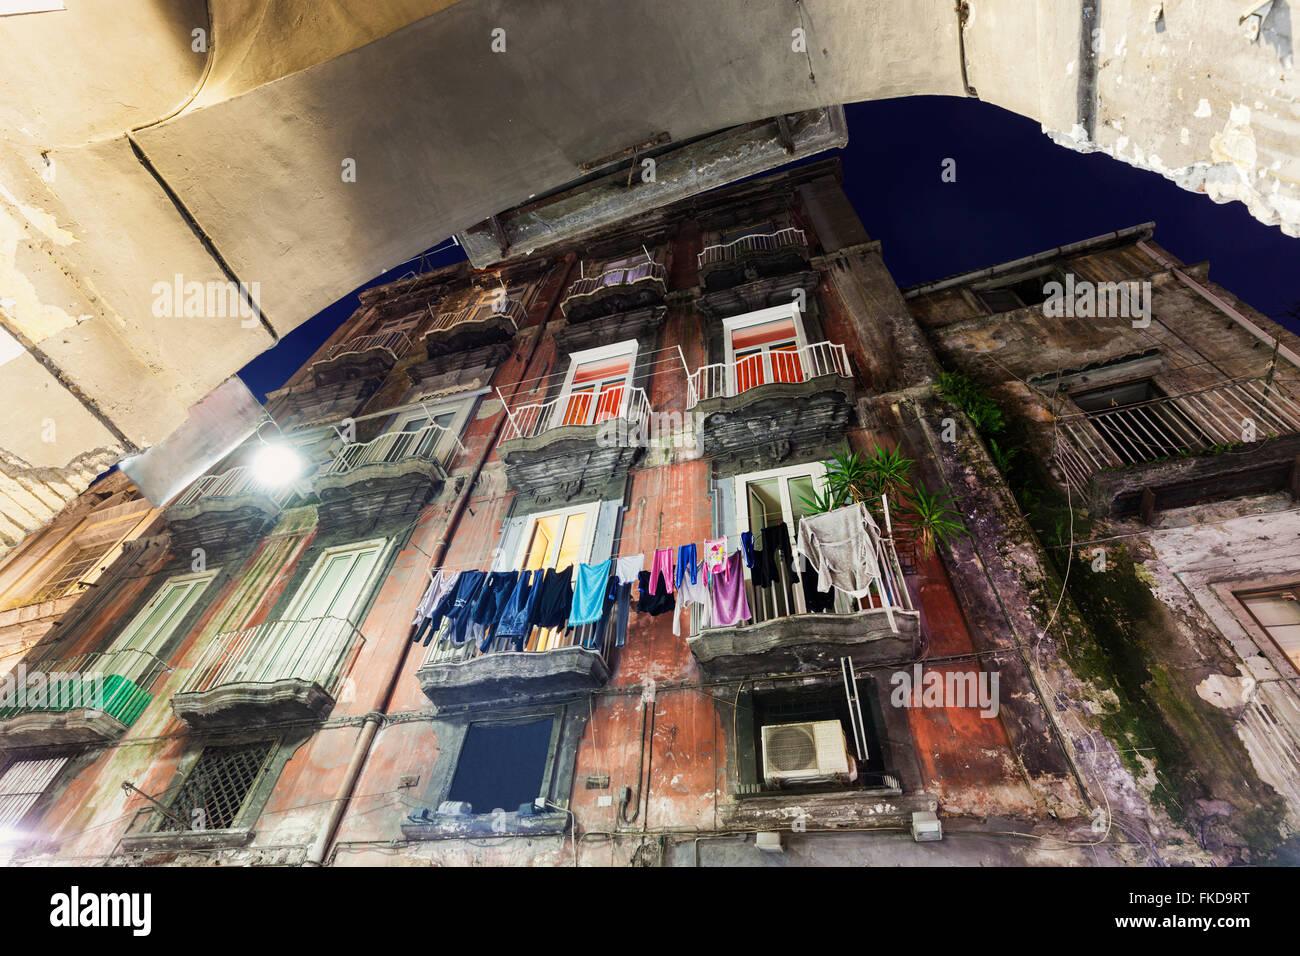 Niedrigen Winkel Ansicht des Wohngebäudes mit Wäsche auf dem Balkon Stockbild